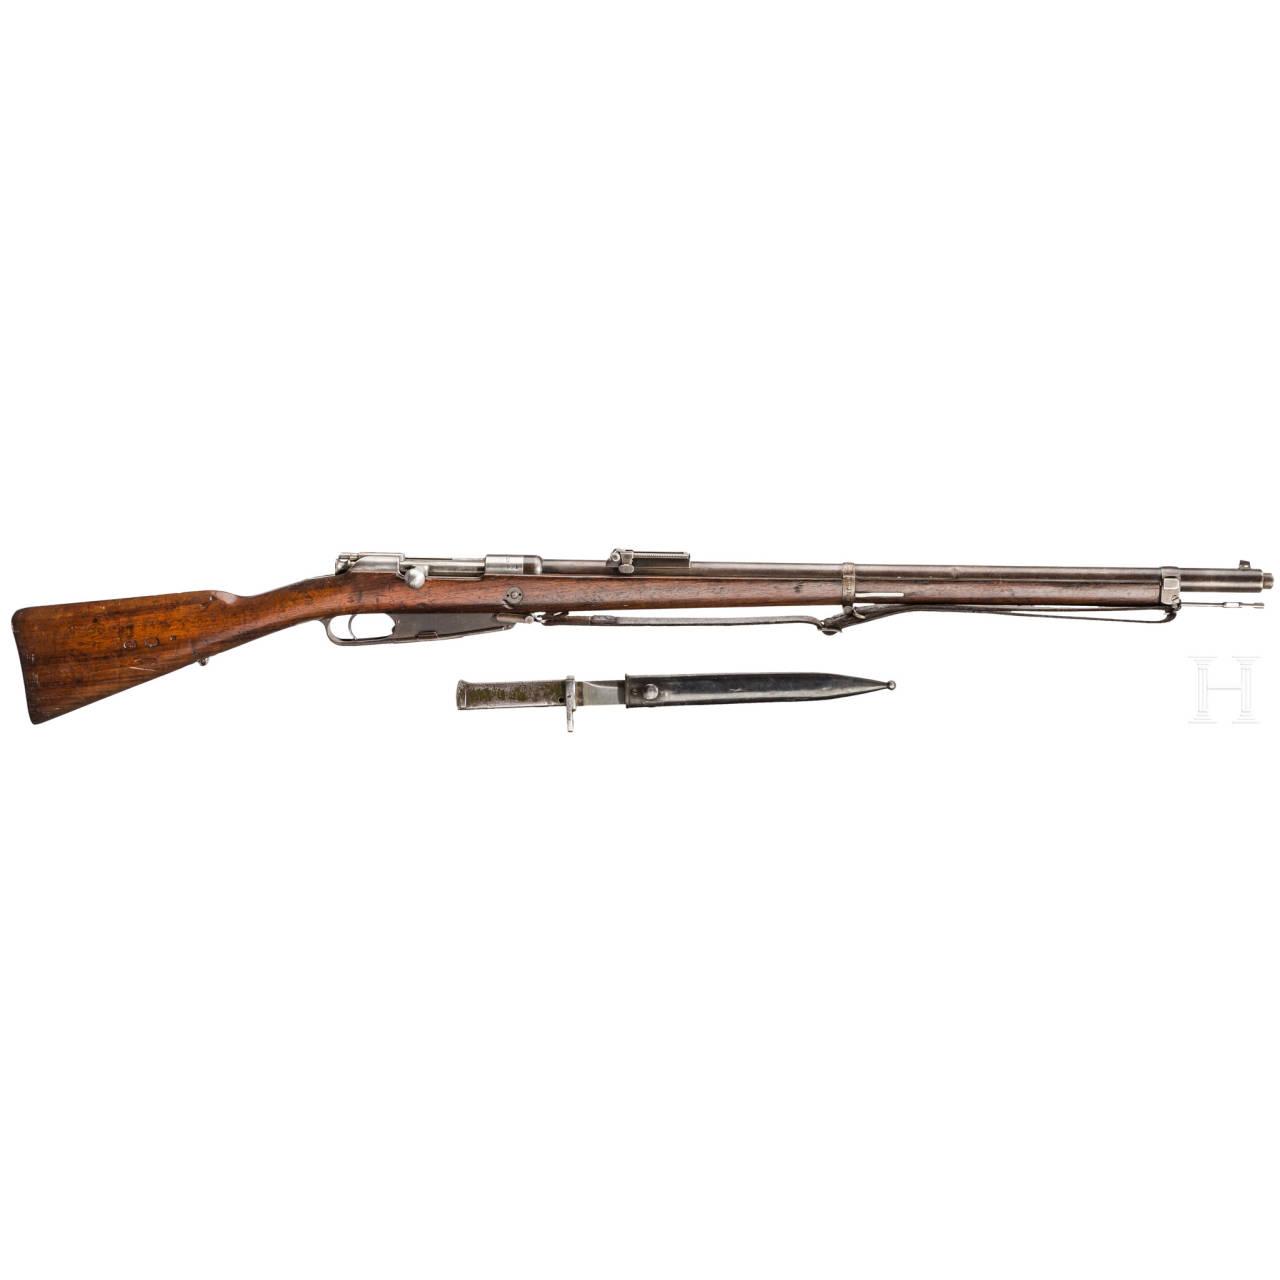 Gewehr 88, Loewe Berlin 1890, Alt-Deko